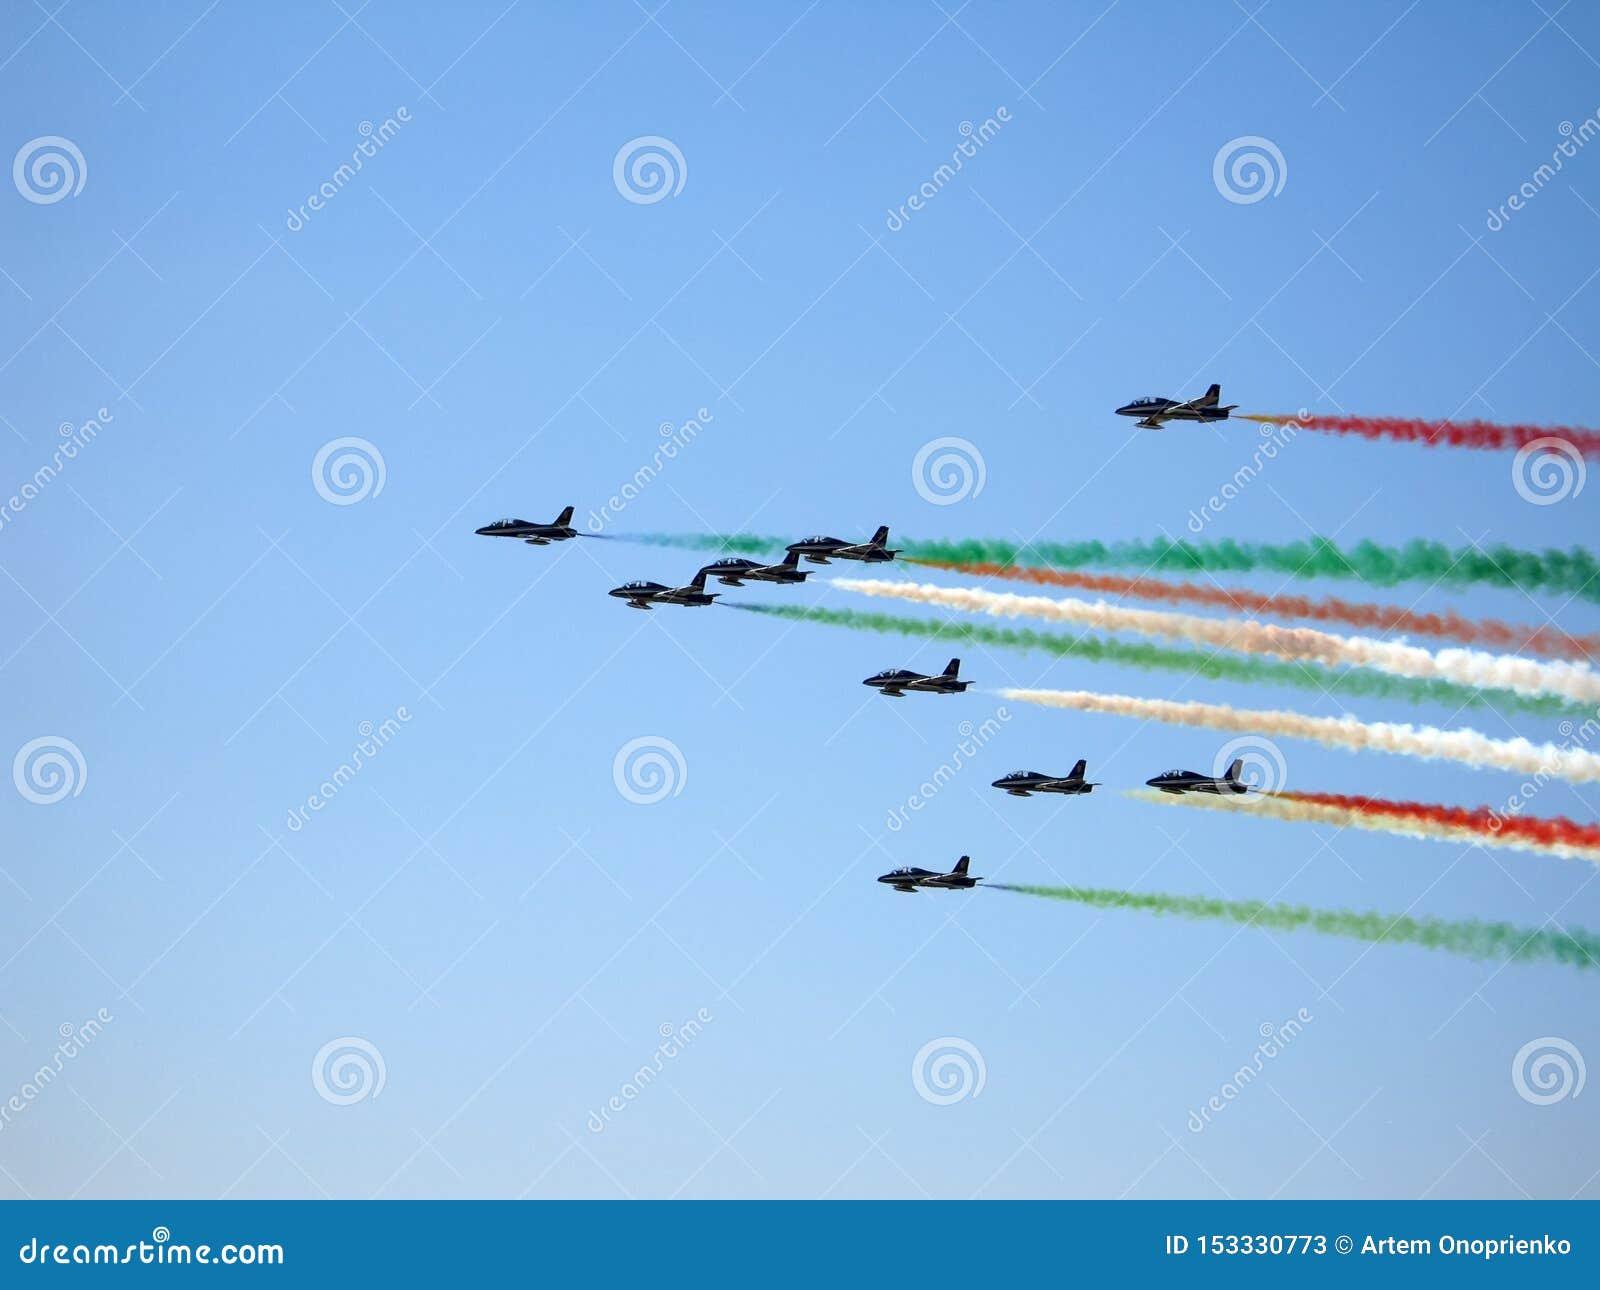 Mostra aeroespacial MAKS-2009 de Moscou Em agosto de 2009 O demoteam italiano Frecce TRICOLORI DEMONSTRA O VOO